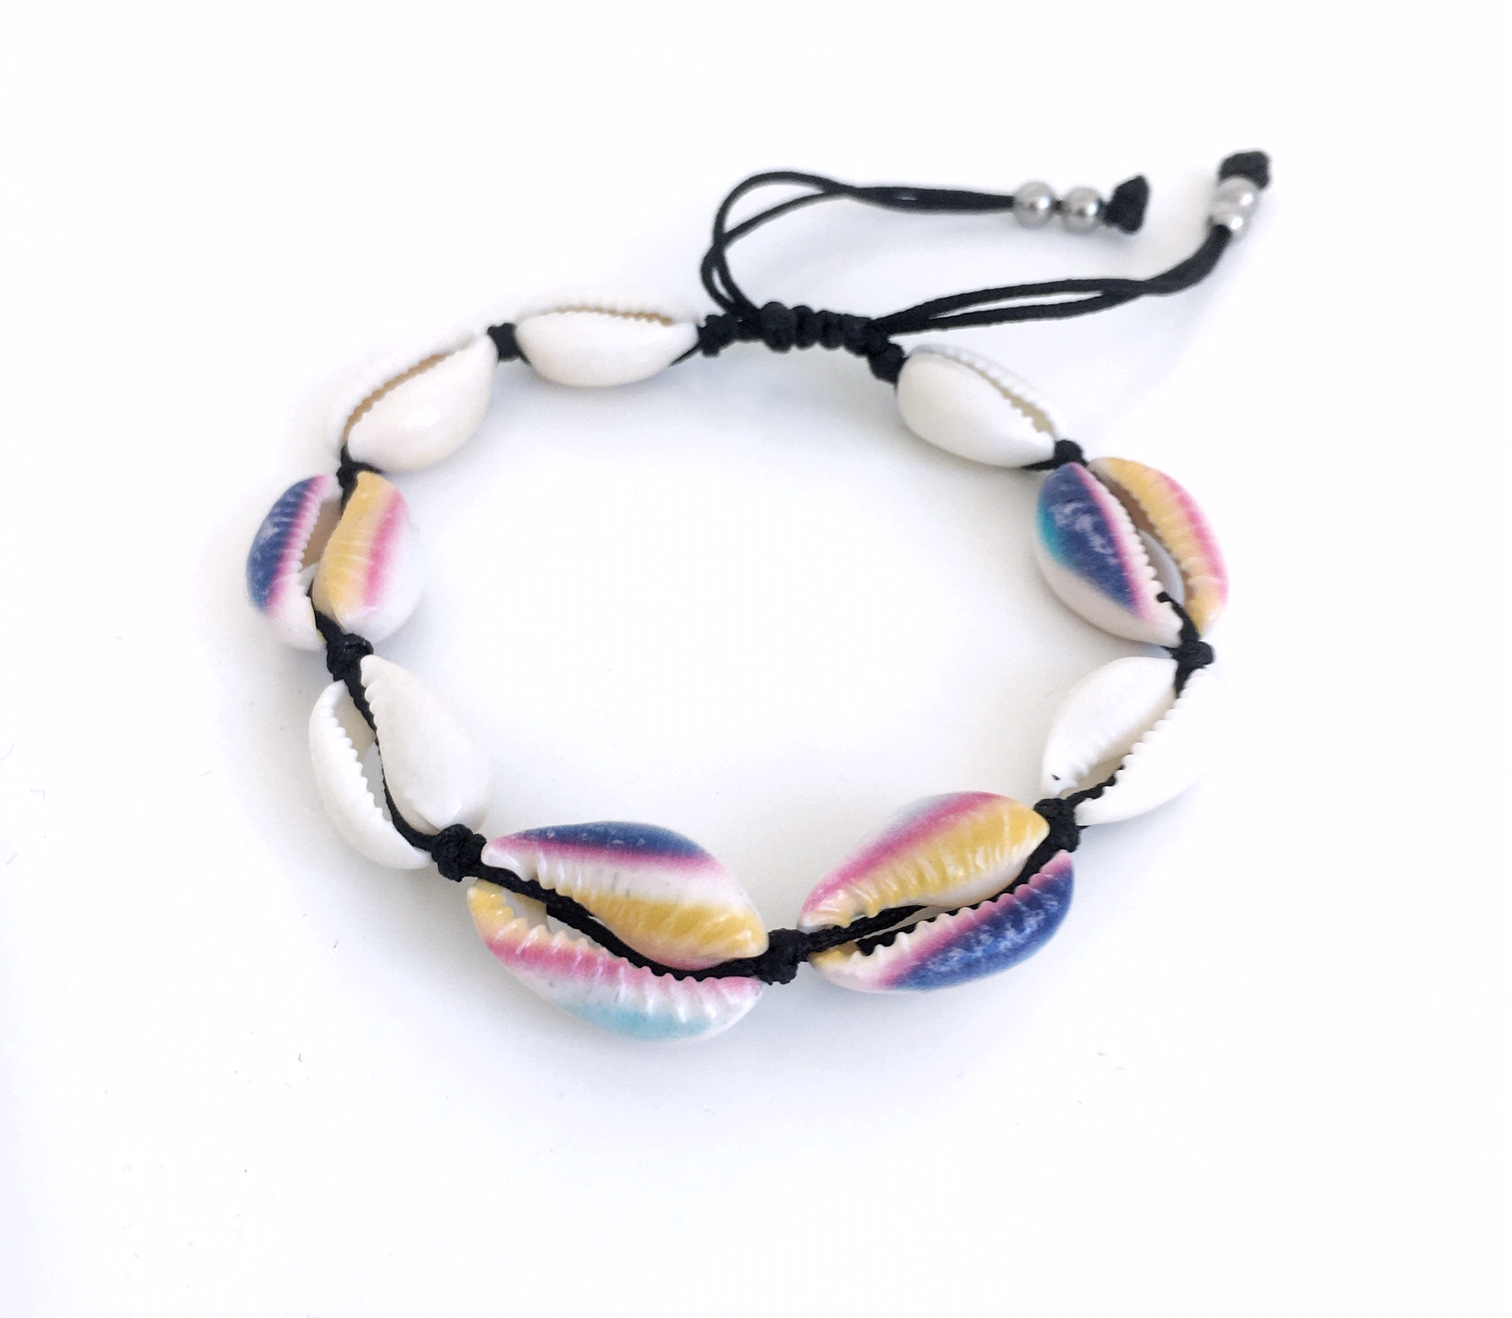 Snäckarmband med färg_randigt